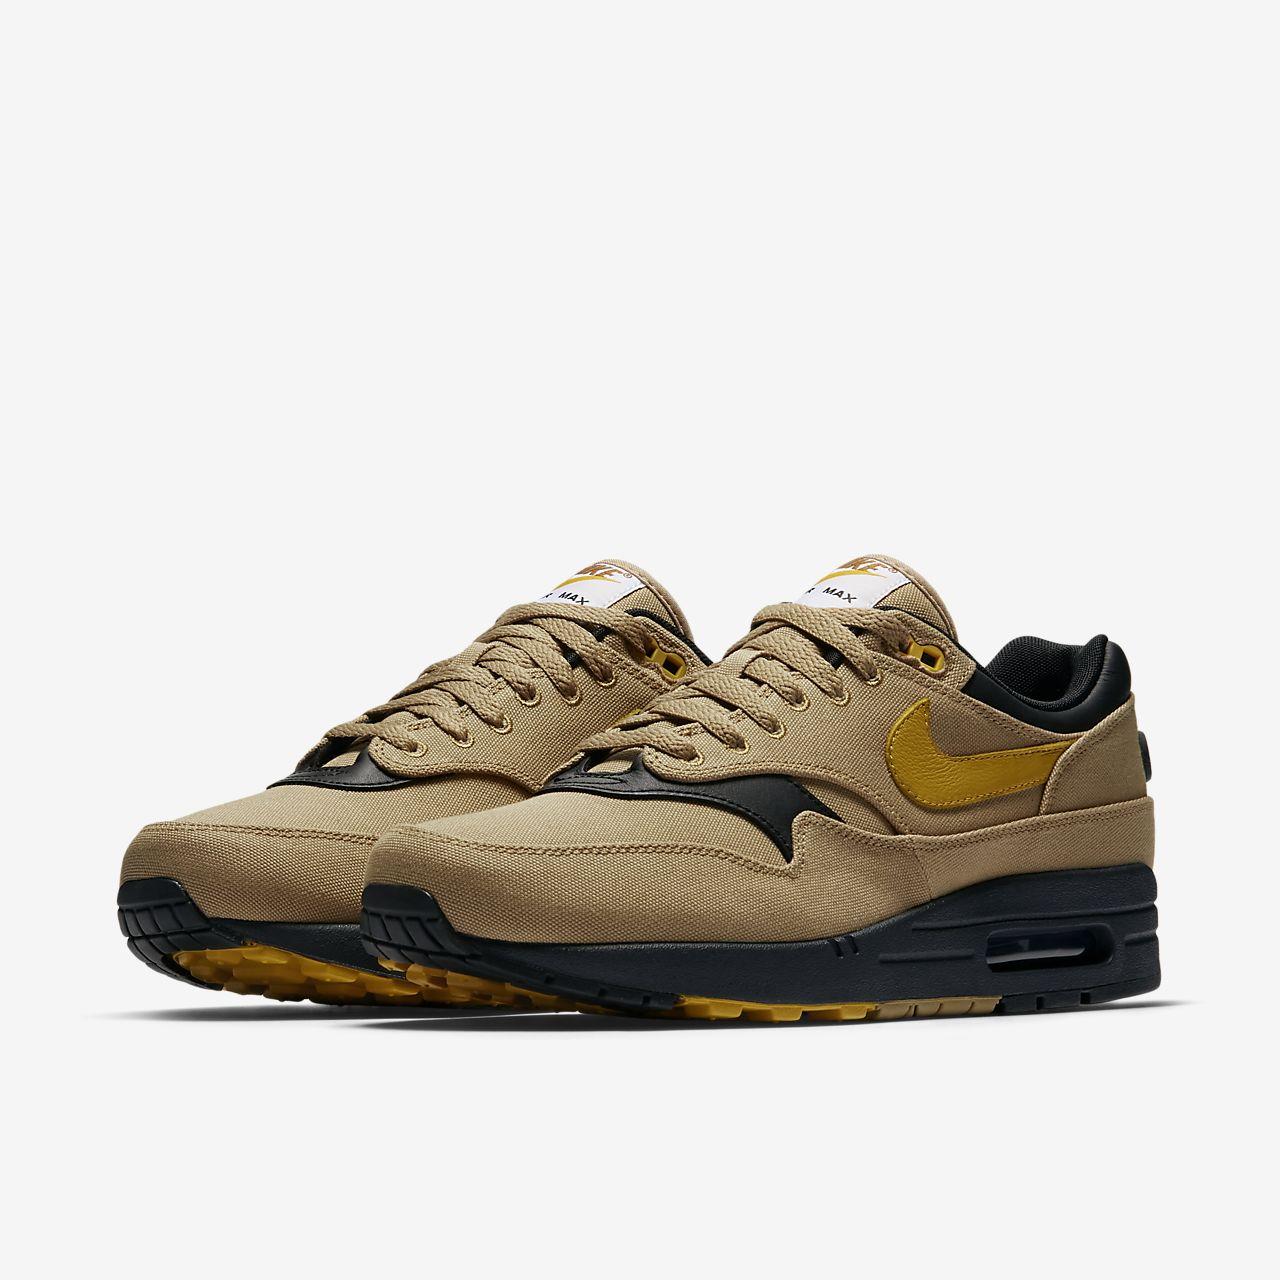 Nike Air Max Hombres 1 Hombres Max Ua Premium 4a54a3